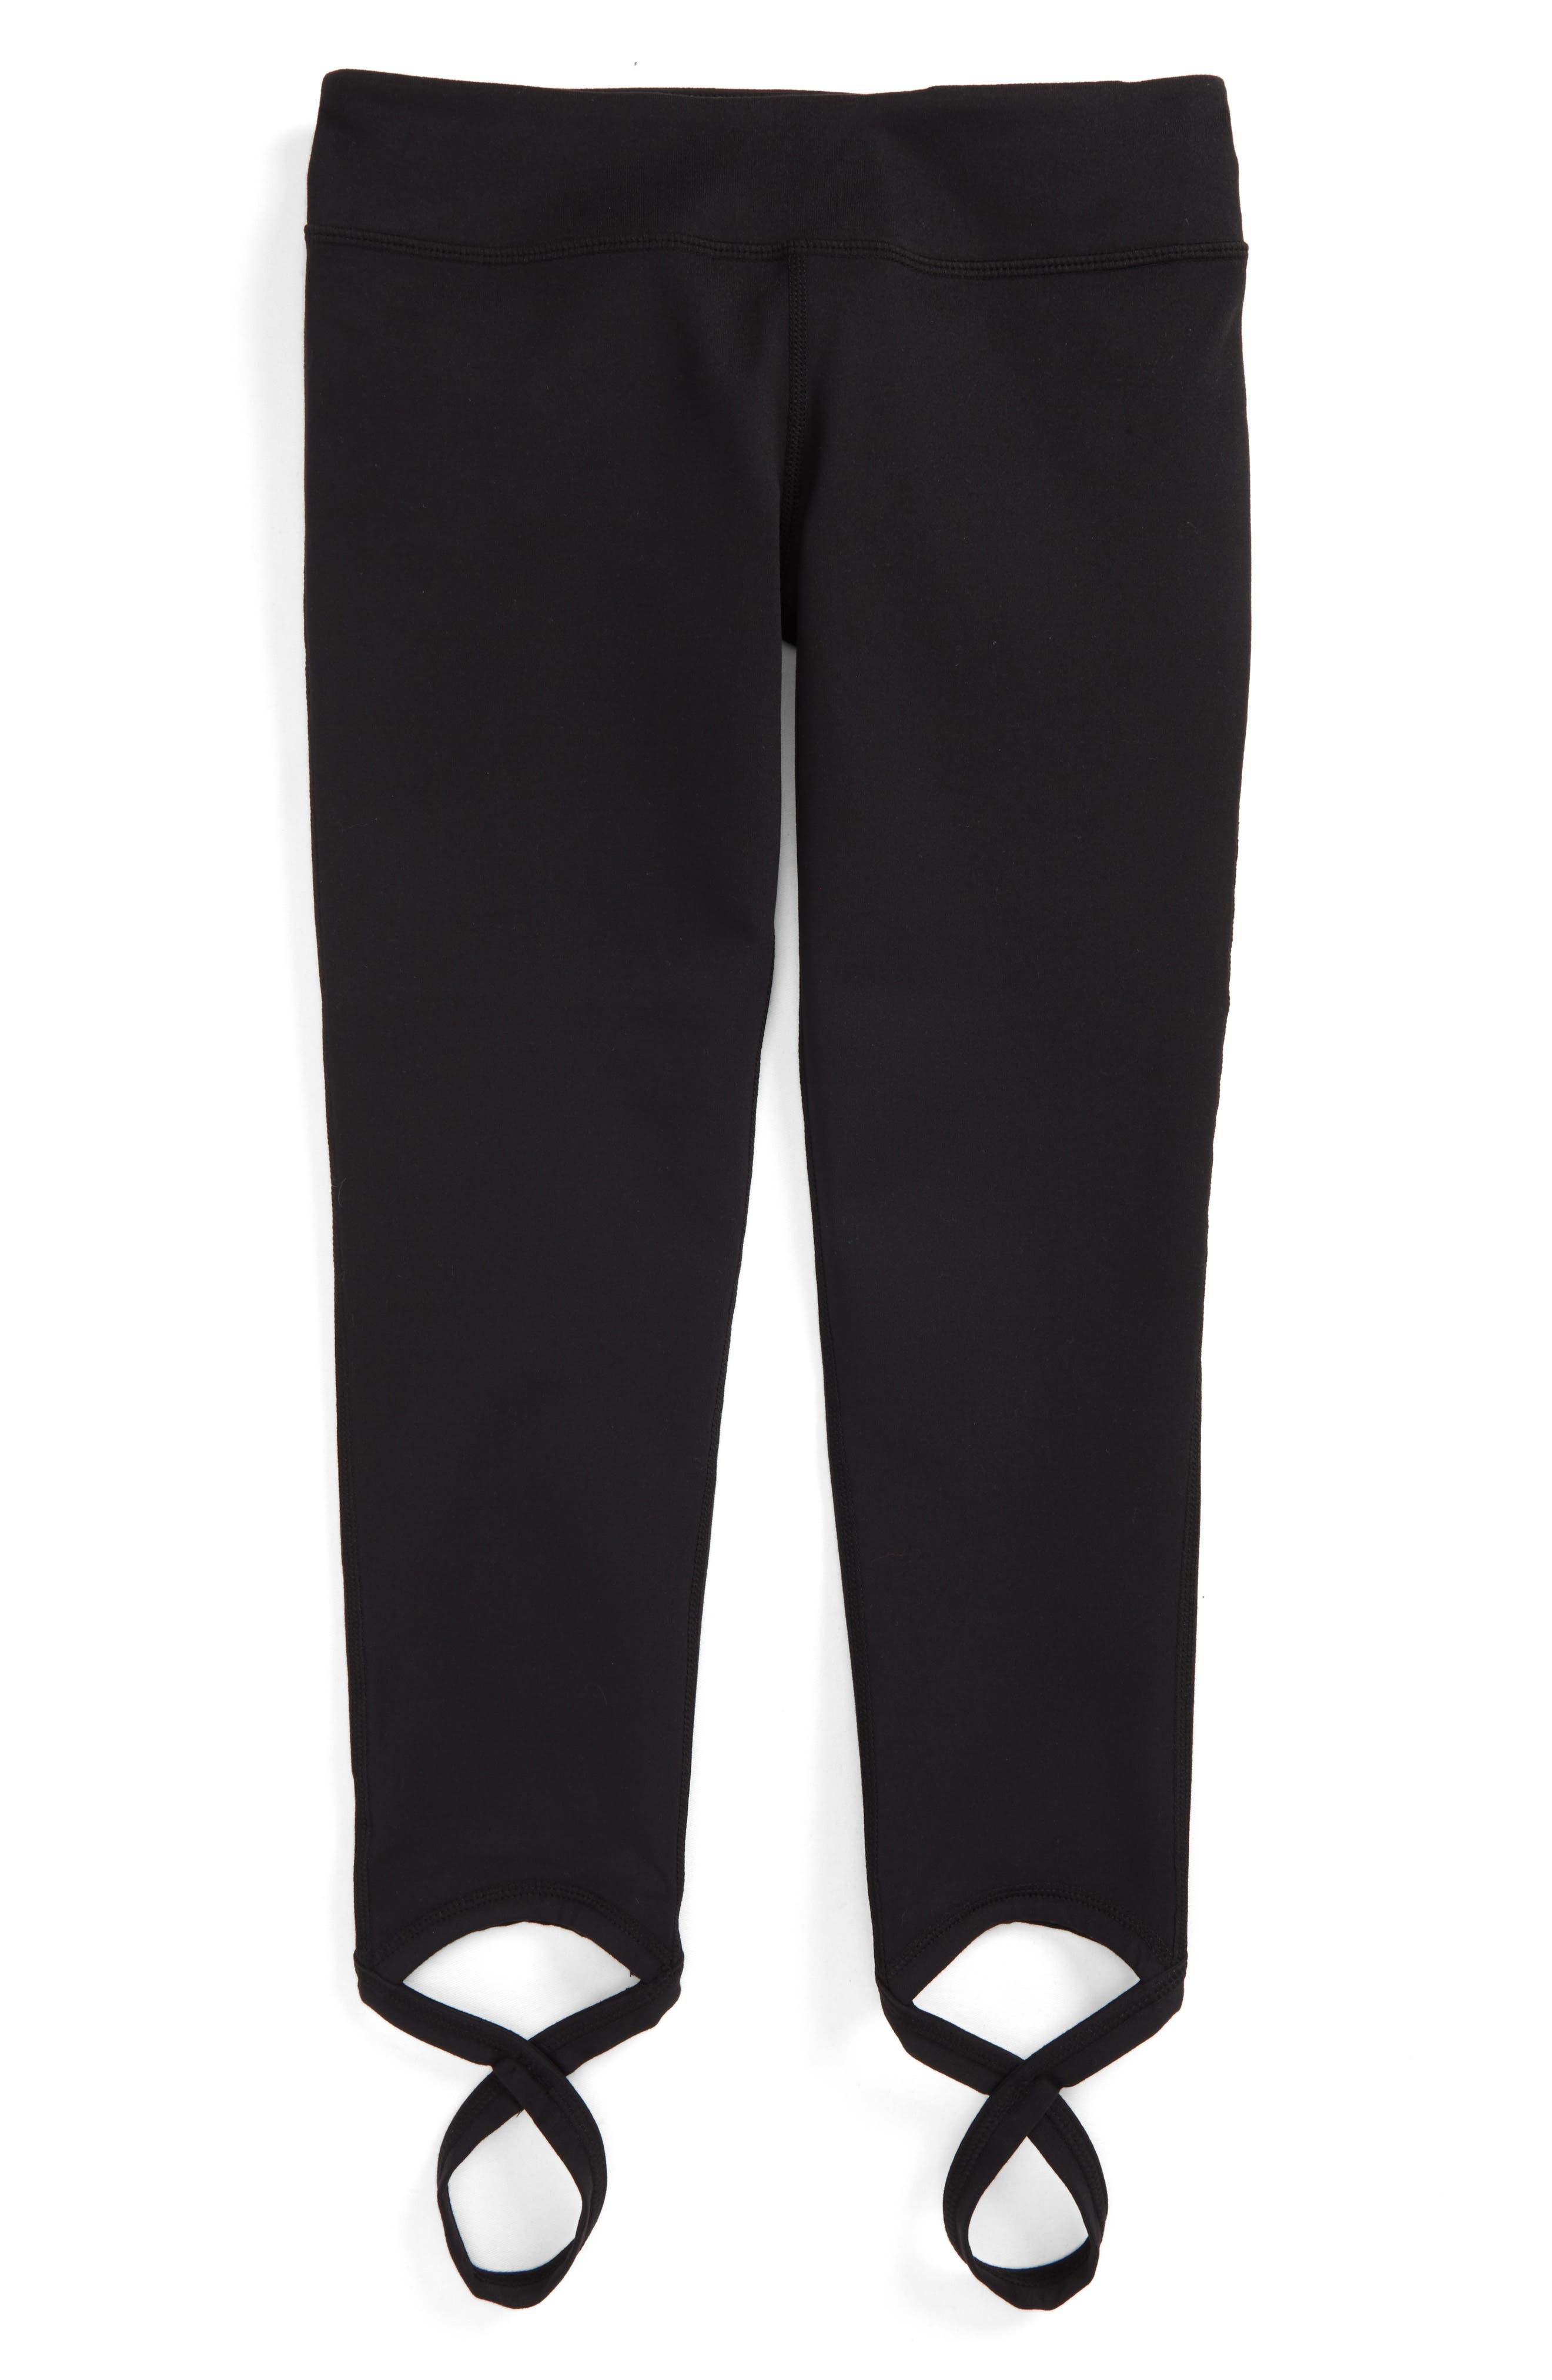 Zella Ankle Wrap Crop Leggings,                             Main thumbnail 1, color,                             Black